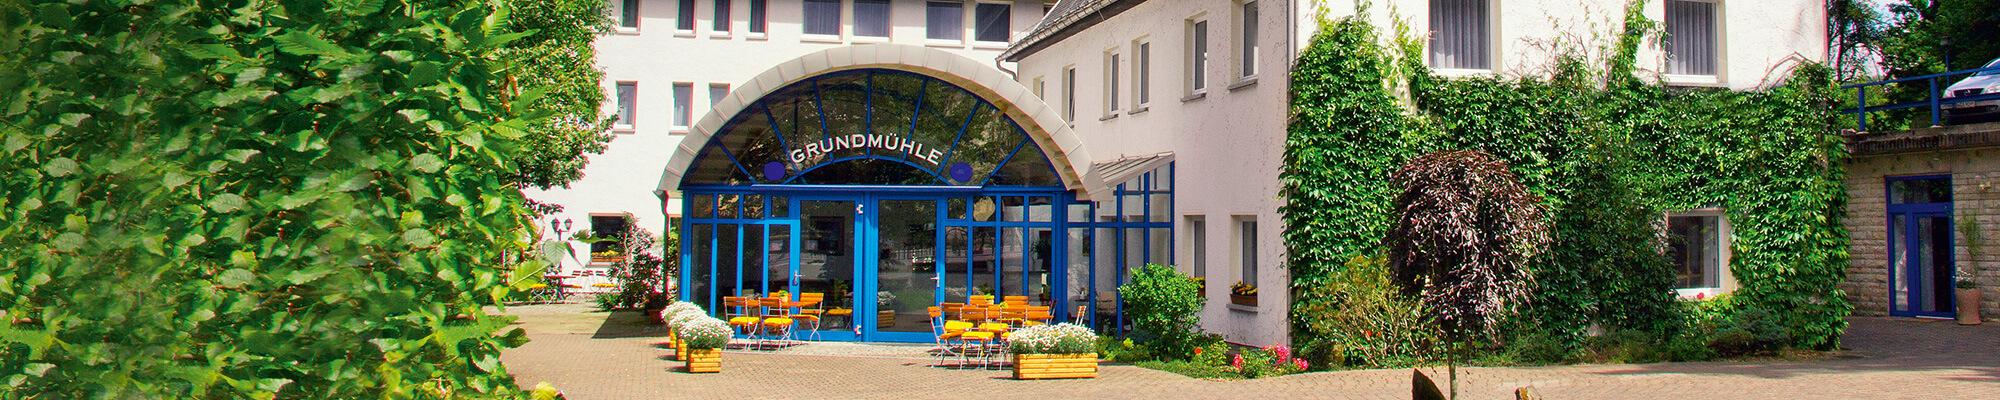 Hotel Grundmühle Aussenansicht